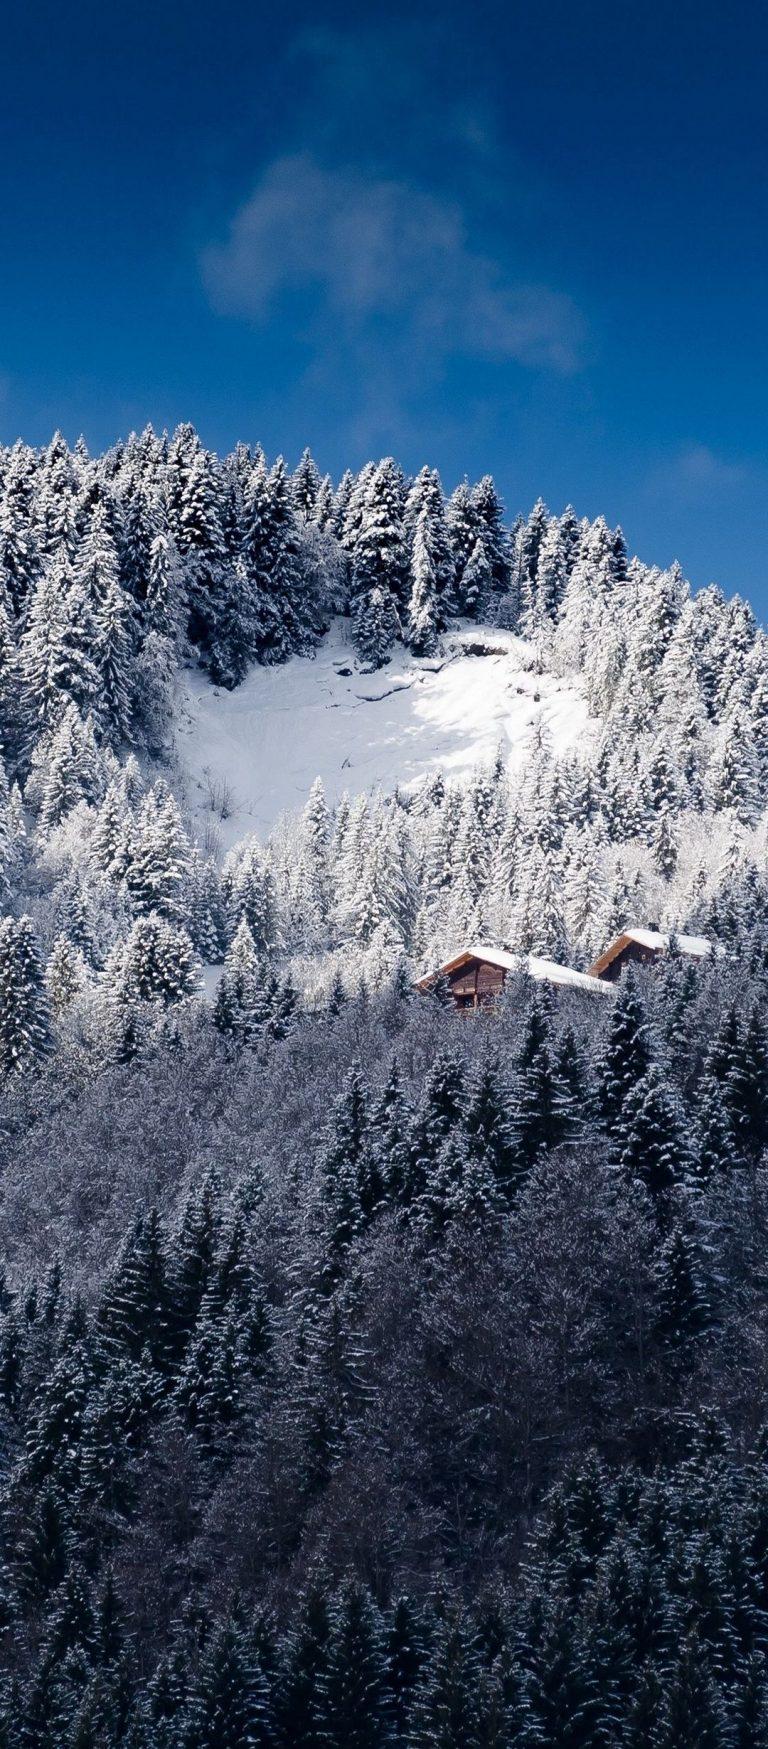 Alps Mountains Snow Trees 1080x2460 768x1749